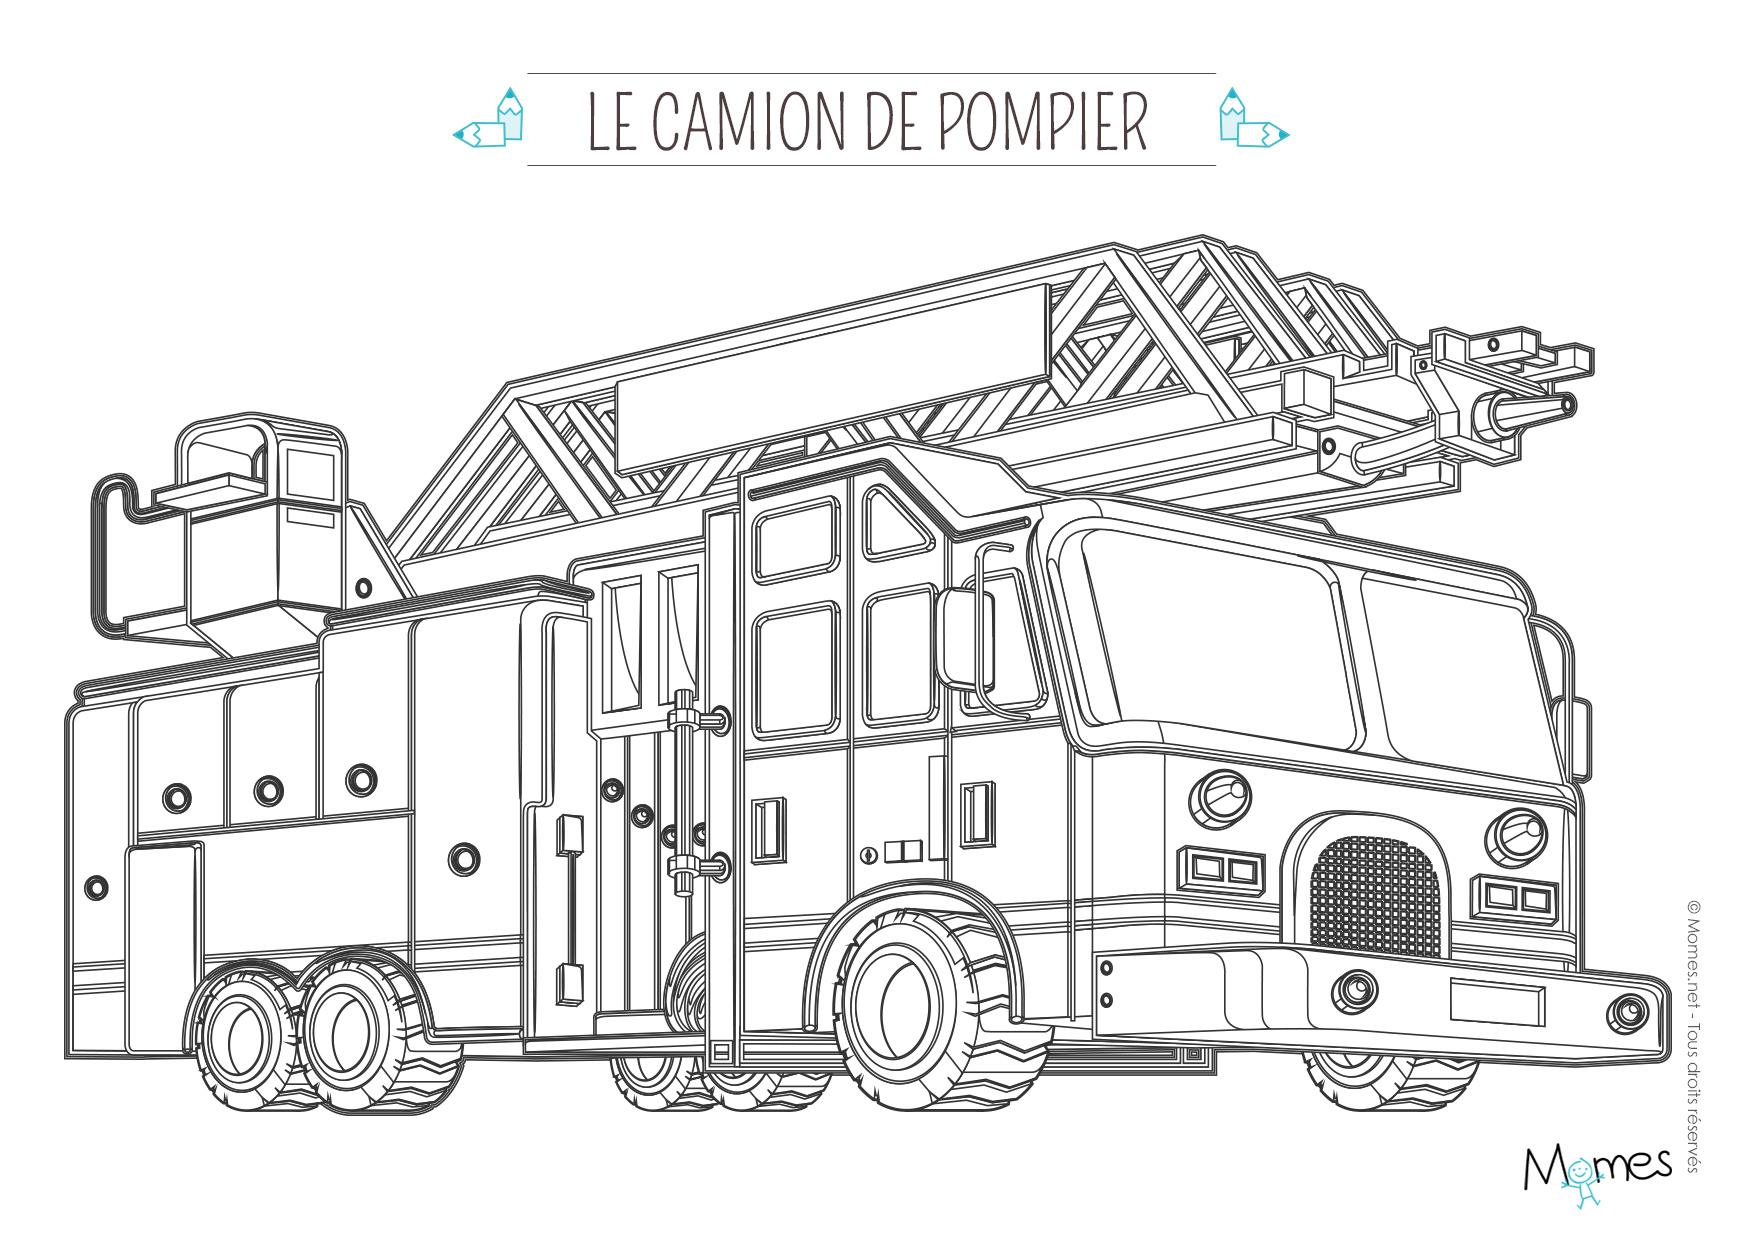 Coloriage Camion De Pompier A Imprimer Gratuit Archives à Coloriage Camion De Pompier Gratuit À Imprimer